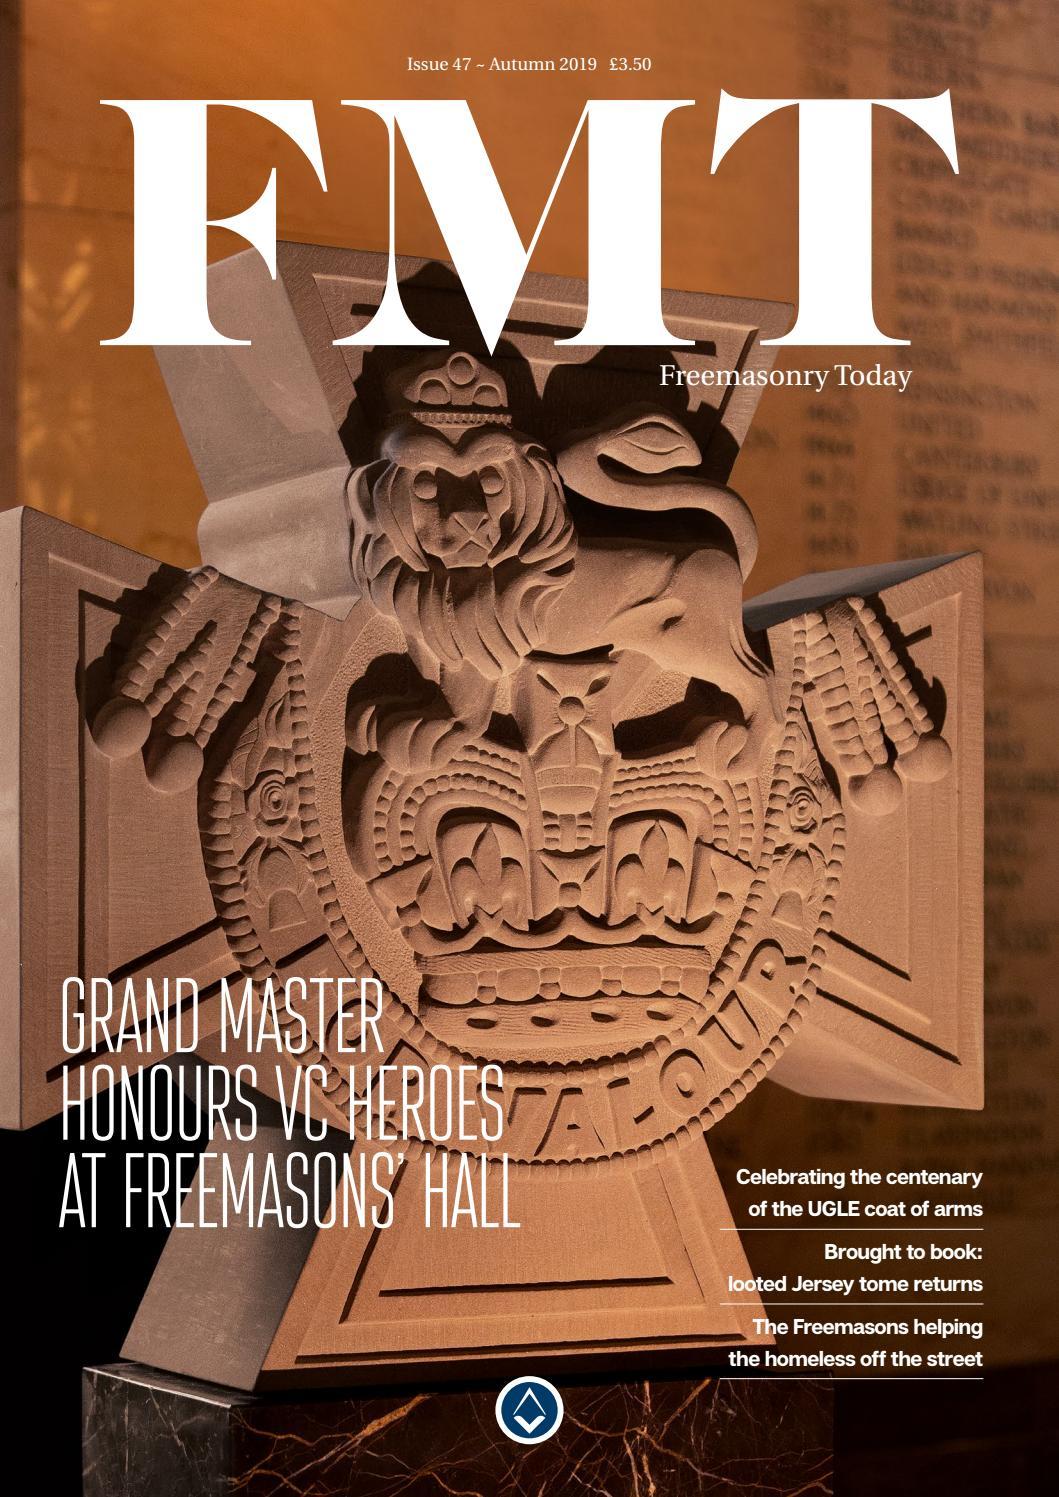 Freemasonry Today - Autumn 2019 - Issue 47 by UGLE - issuu